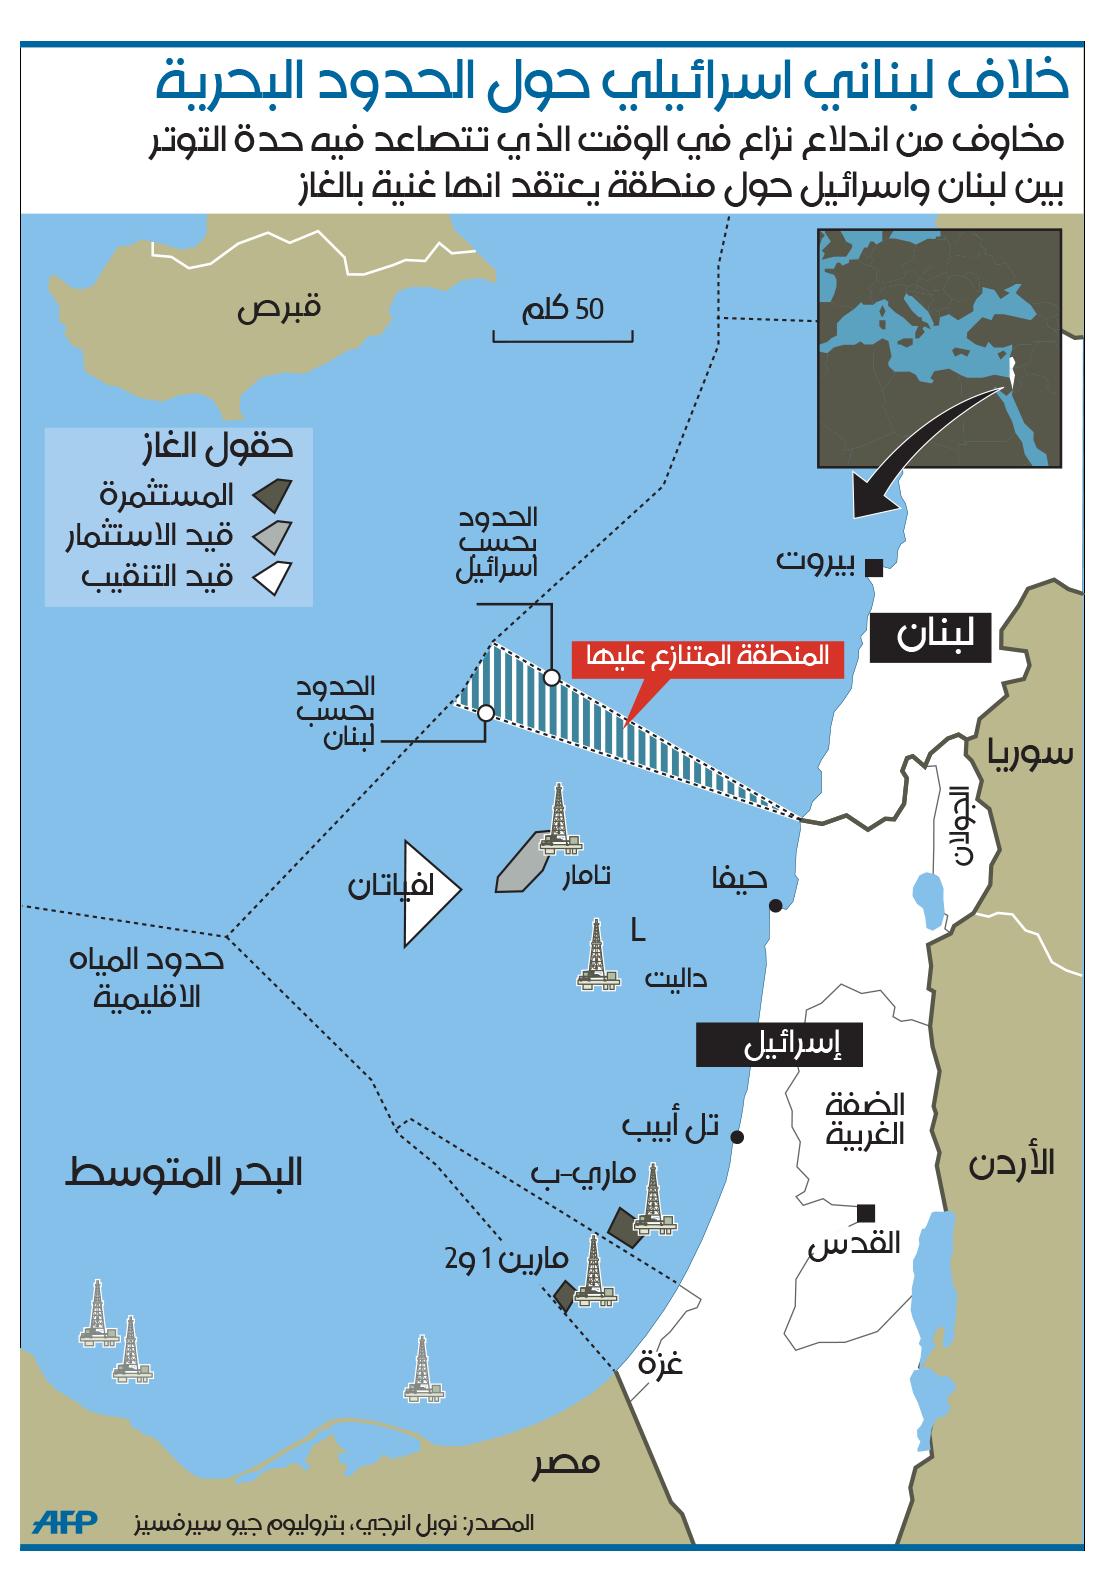 خلاف لبناني اسرائيلي حول الحدود البحرية